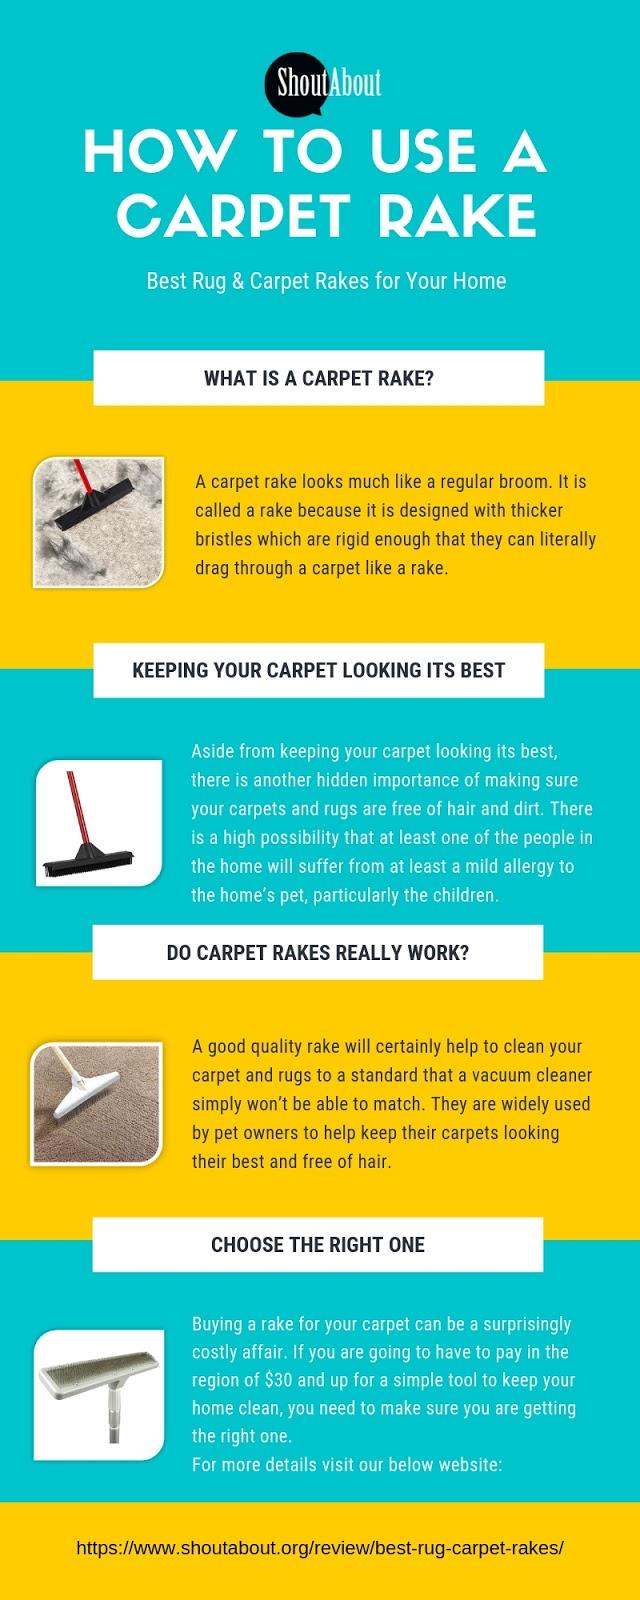 How To Use A Carpet Rake